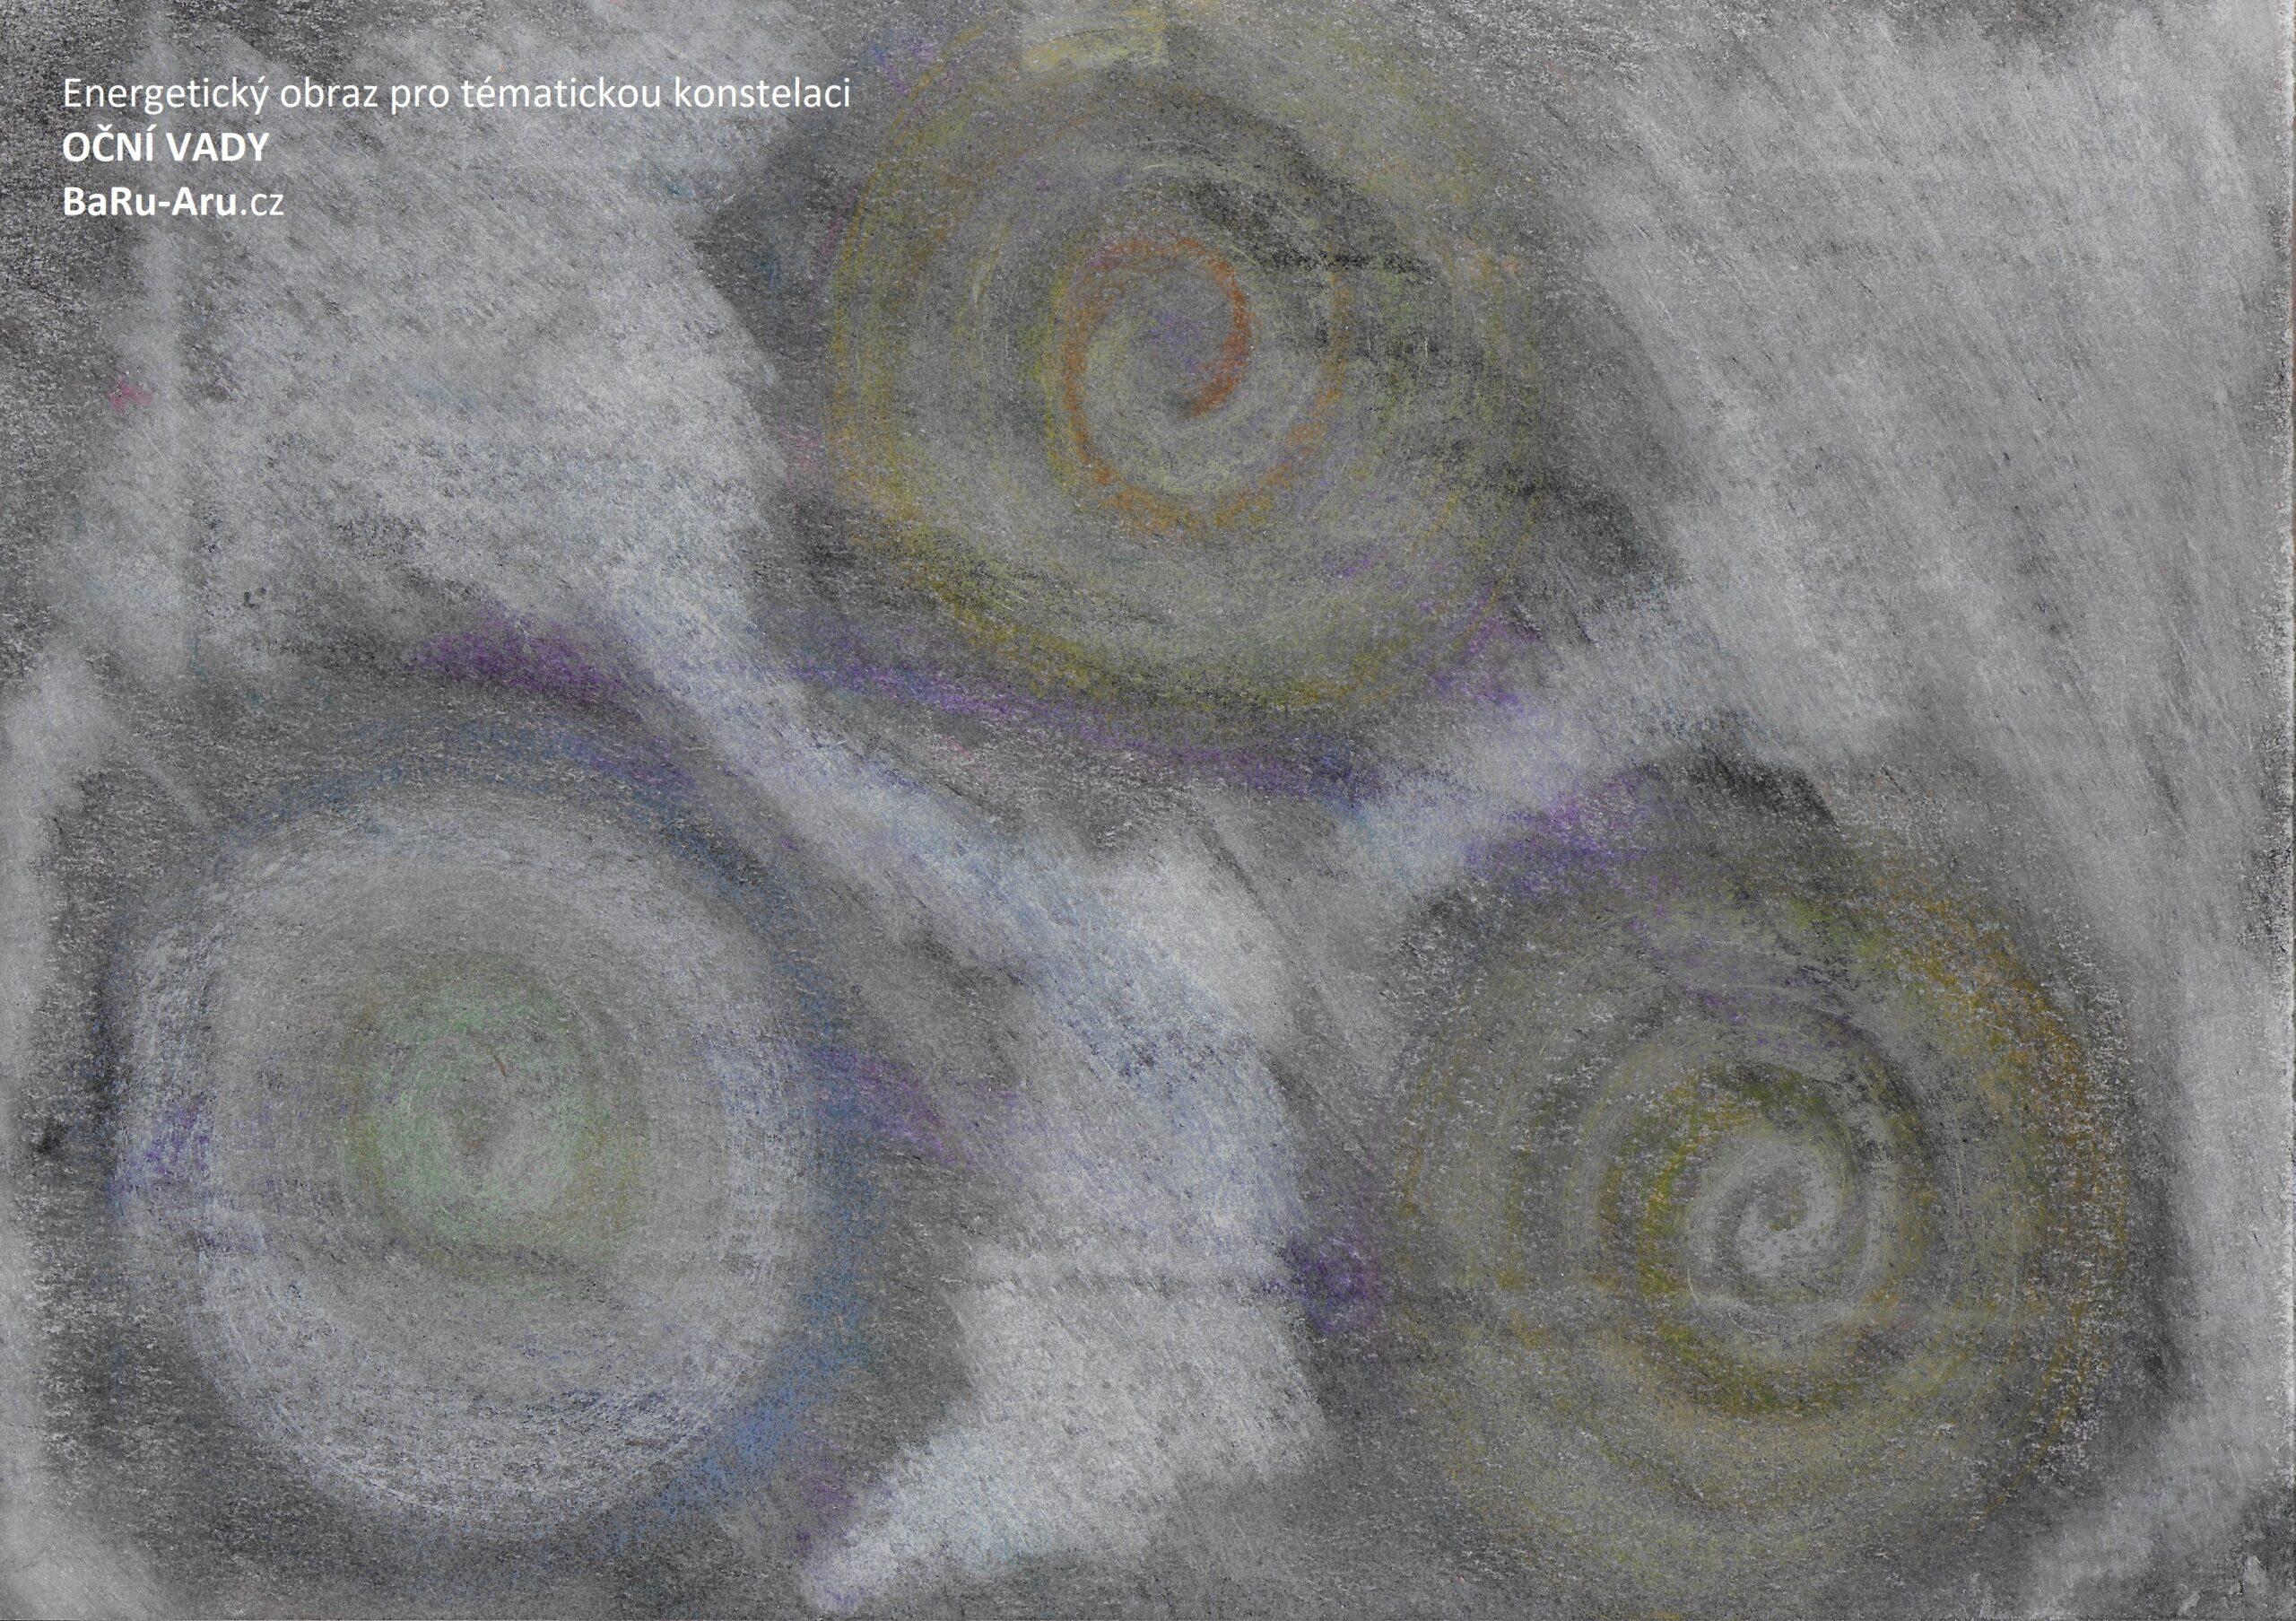 BaRu-Aru: Oční vady